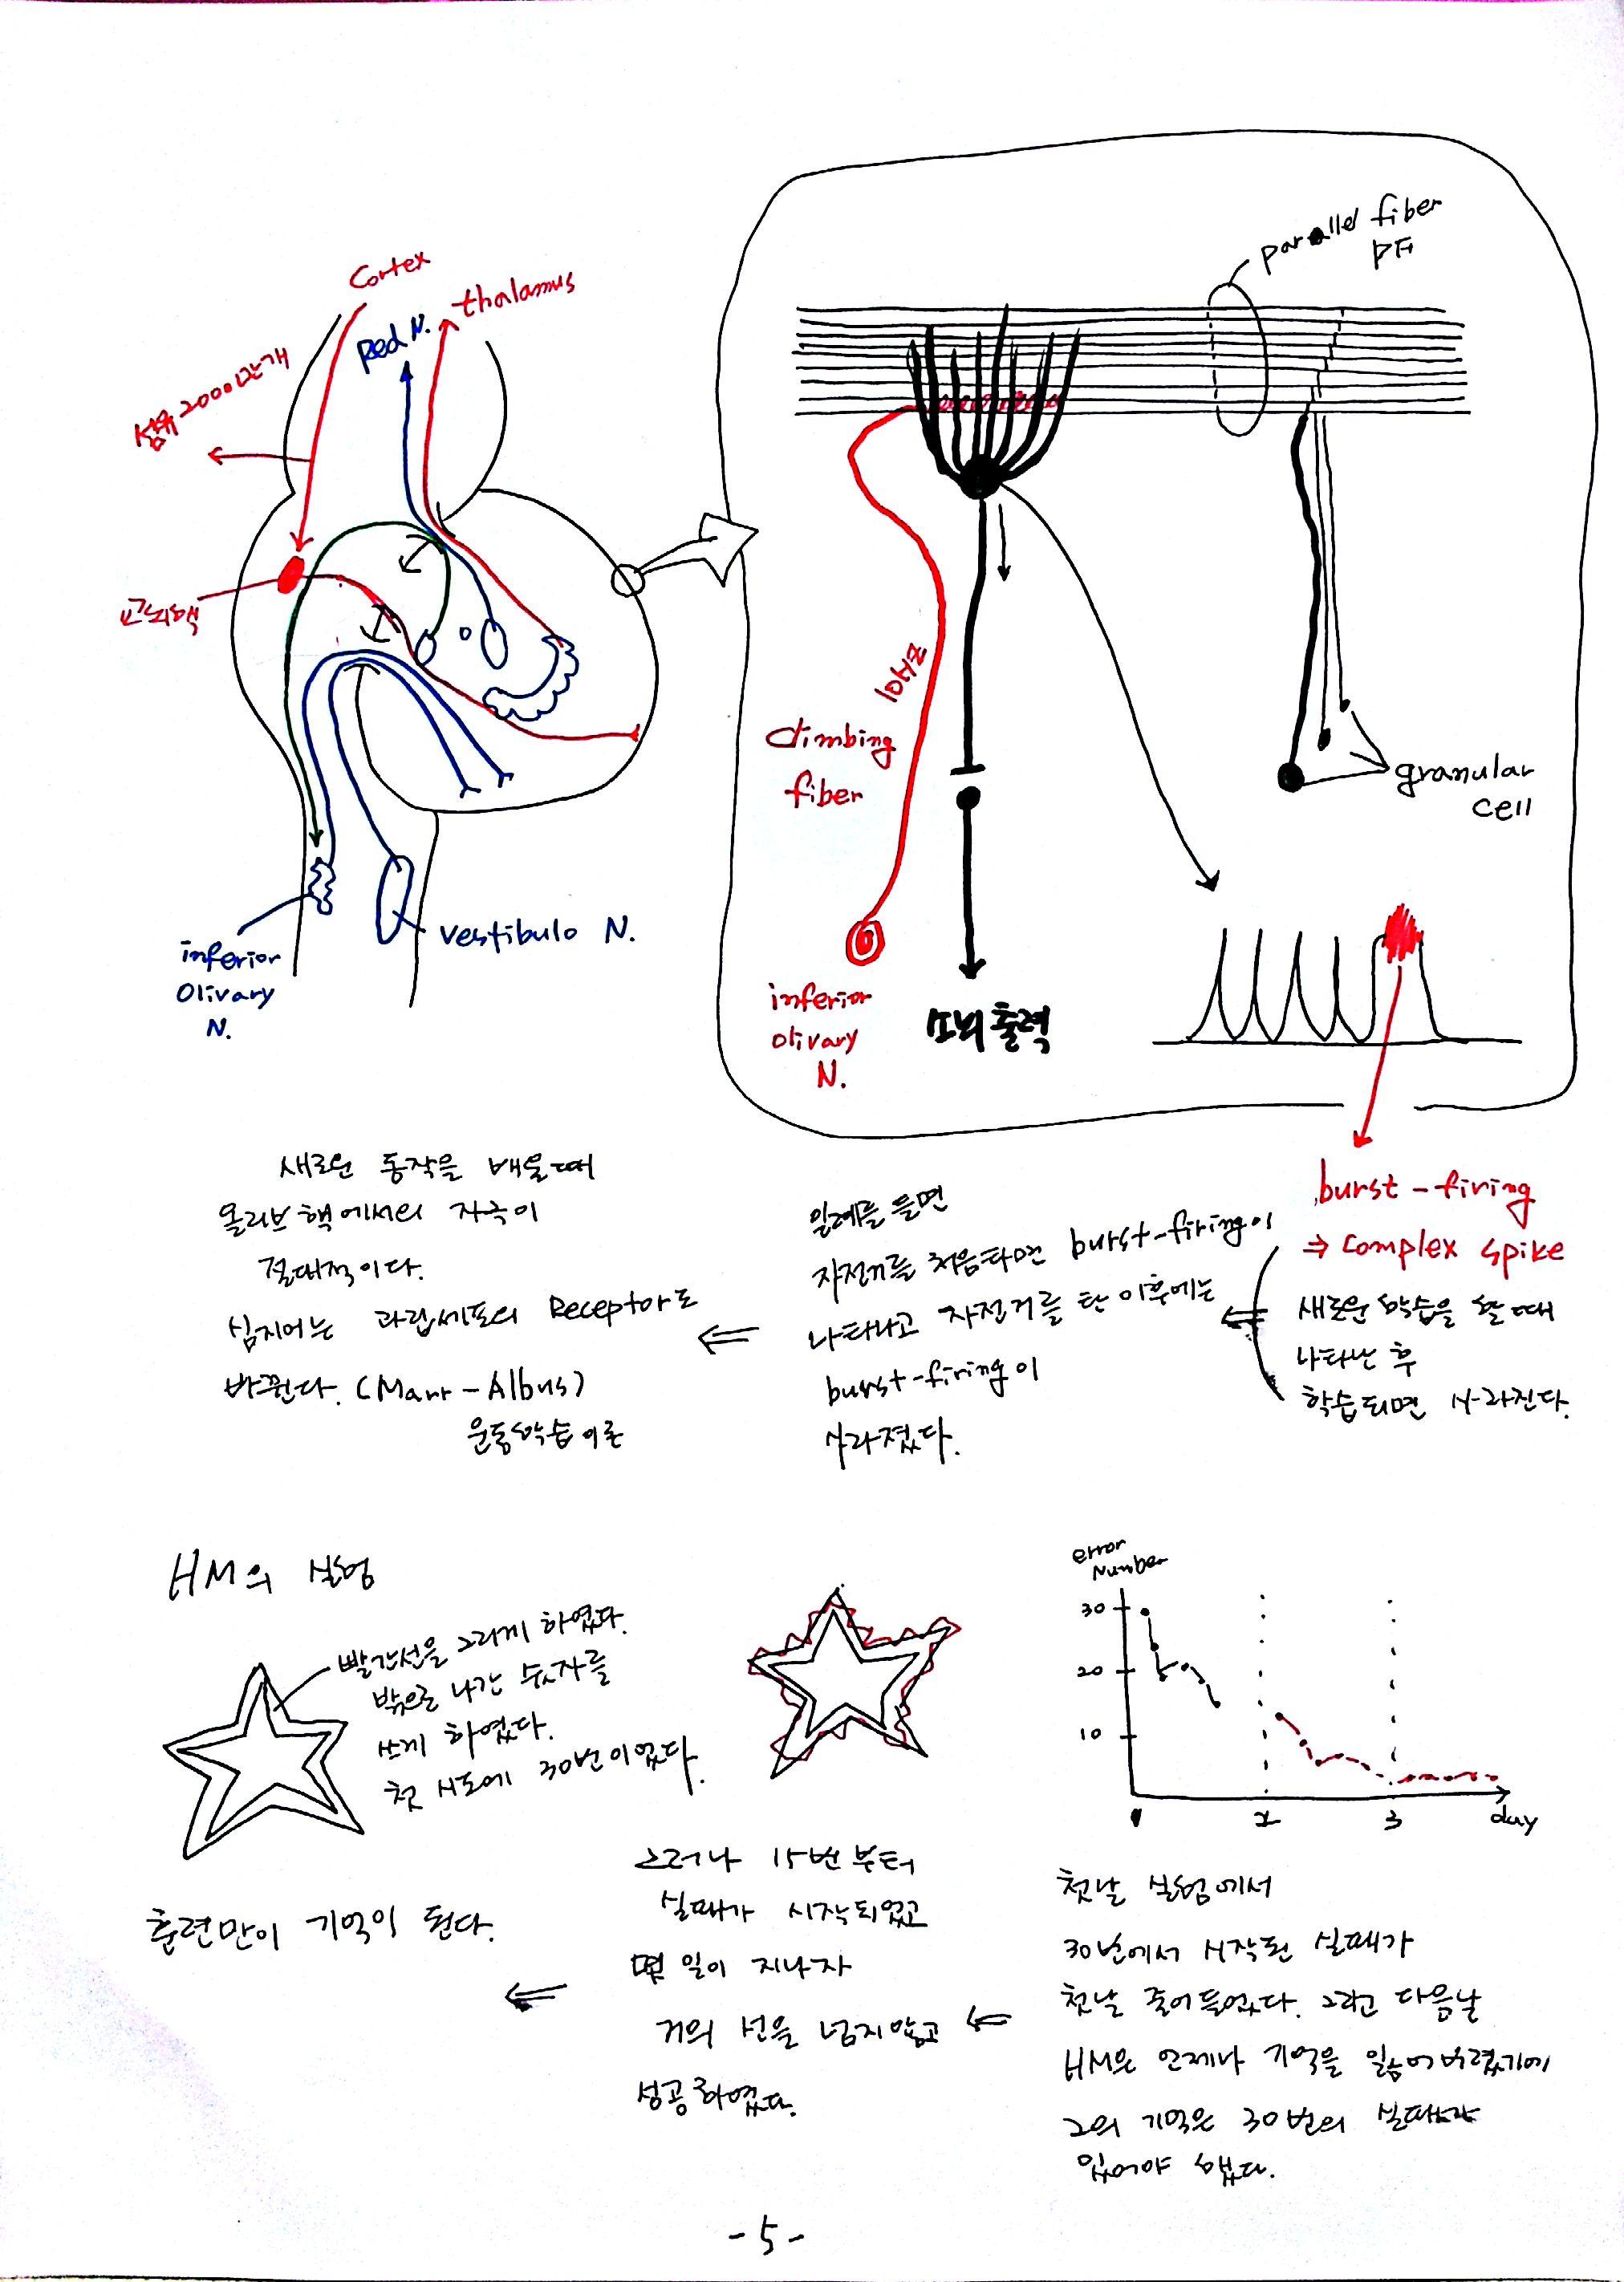 05-2012-10-15_12-56-23_380.jpg